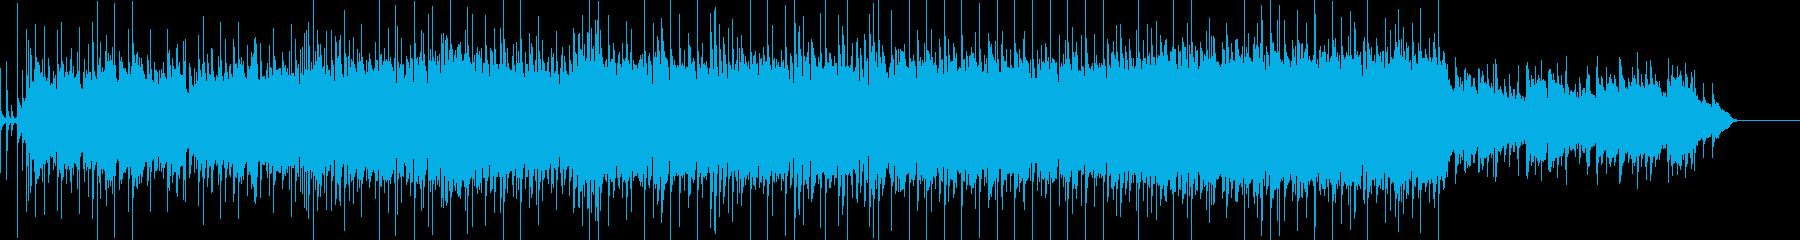 爽やかなアコギとピアノのBGMの再生済みの波形